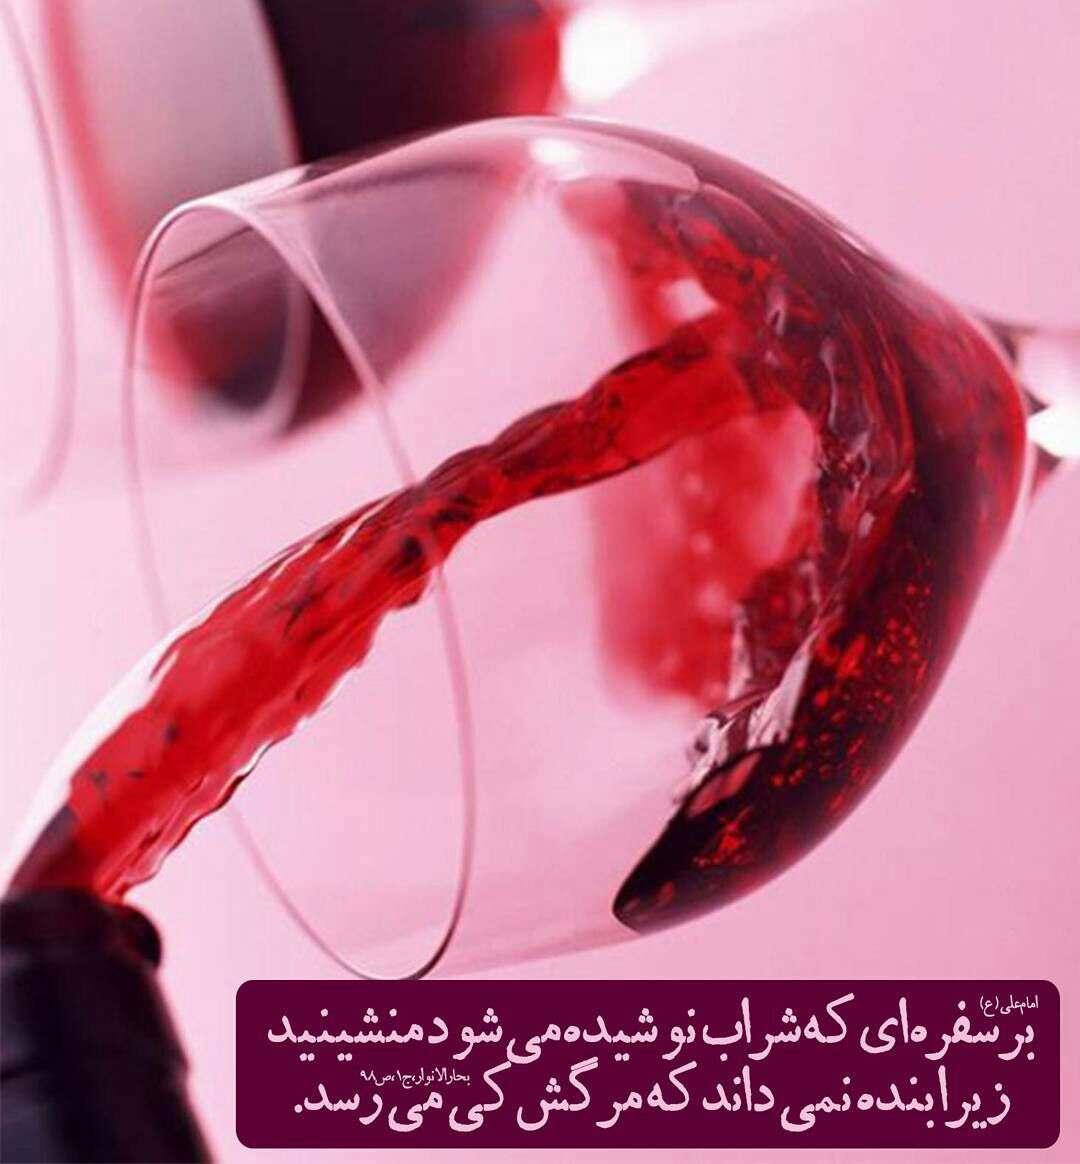 حدیثی از امام علی در مورد شراب خوردن